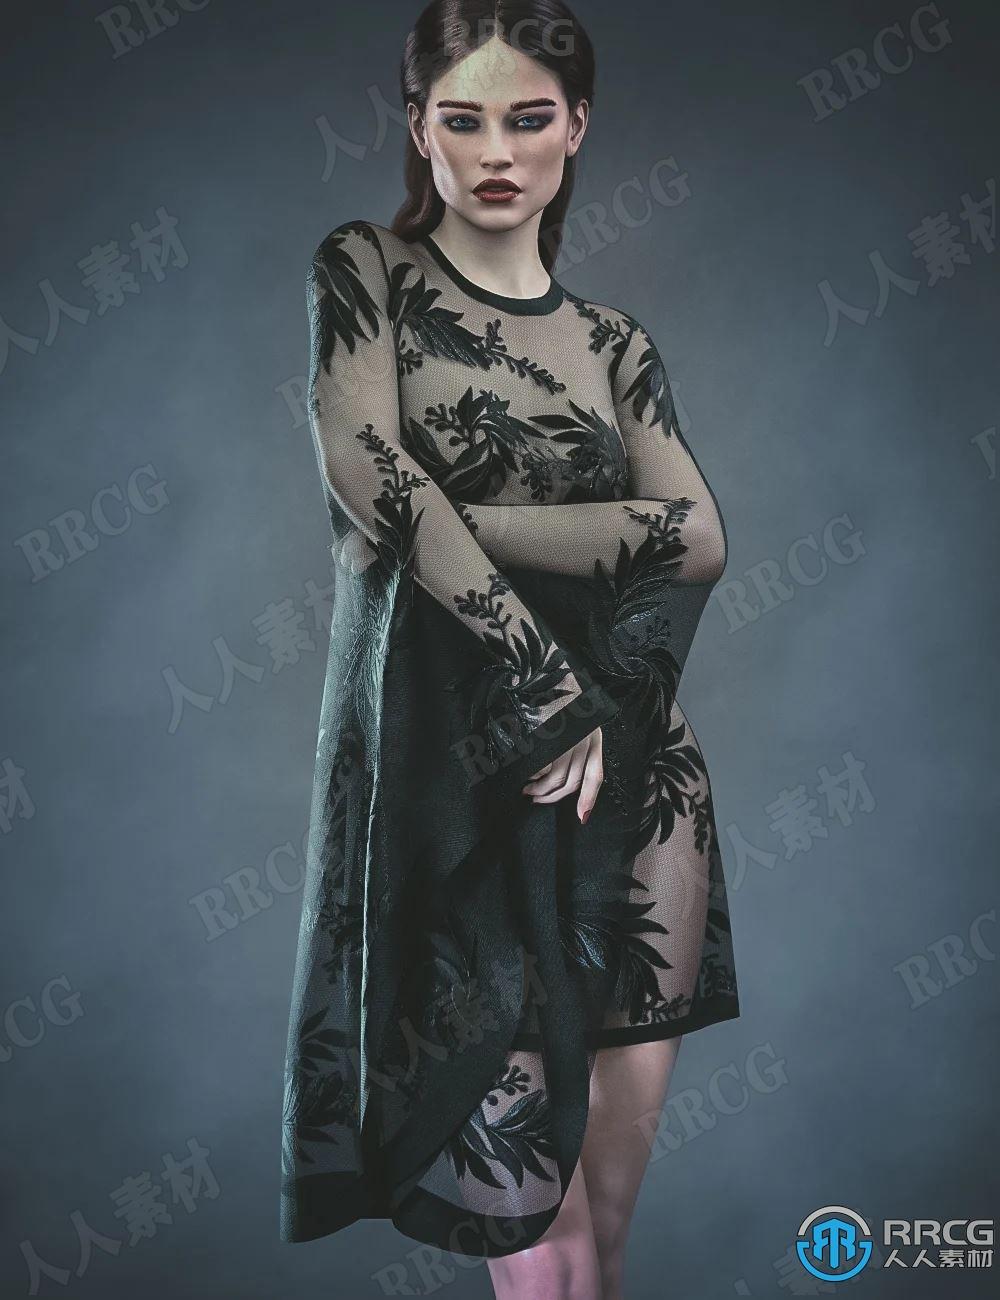 欧美妆容夸张造型女性角色3D模型合集